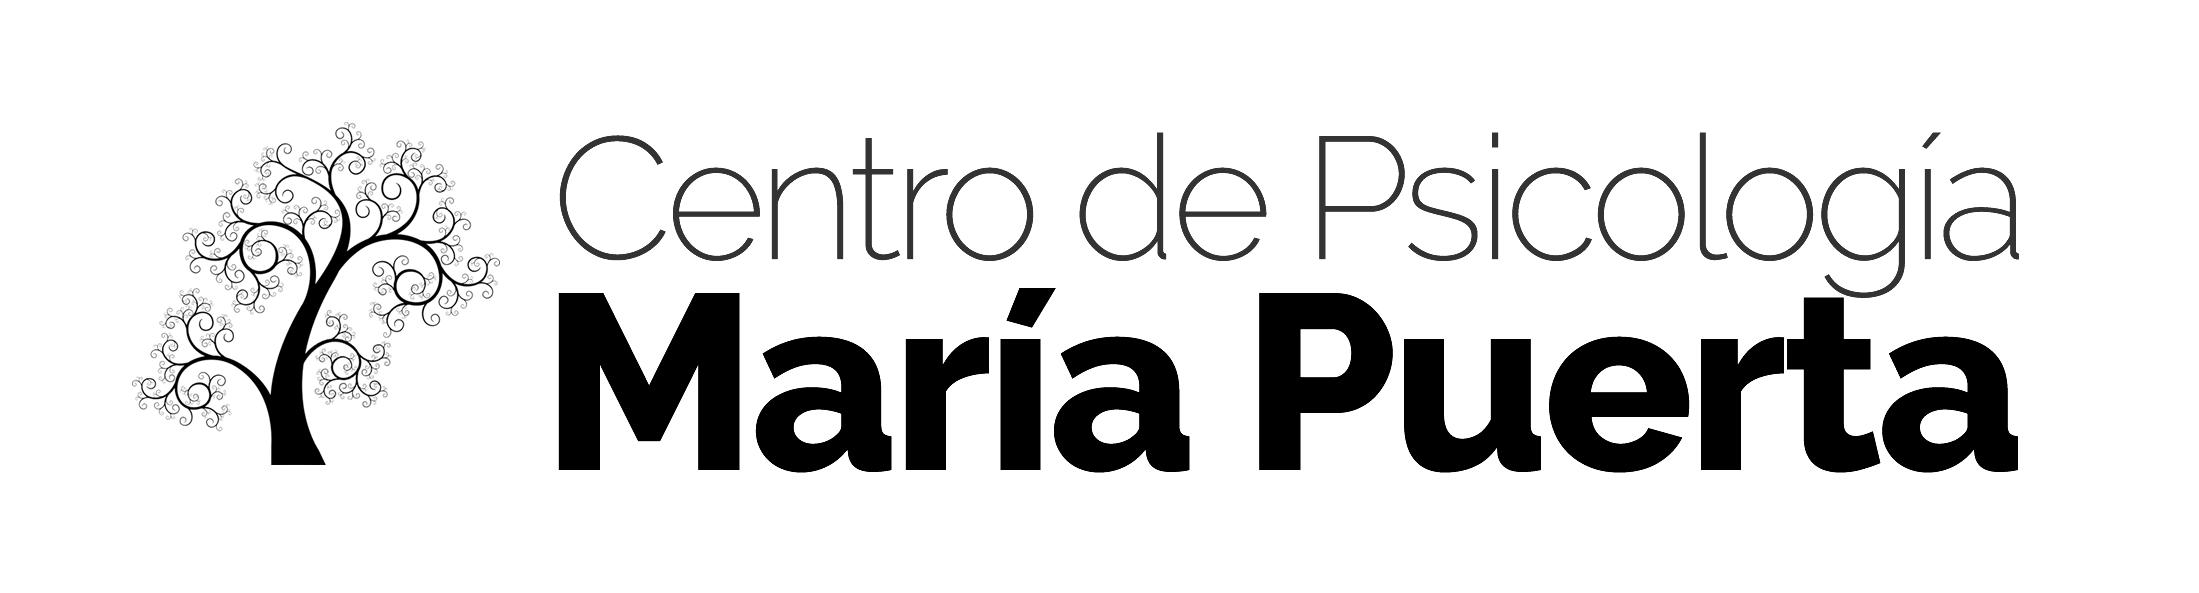 Maria Puerta Psicologa